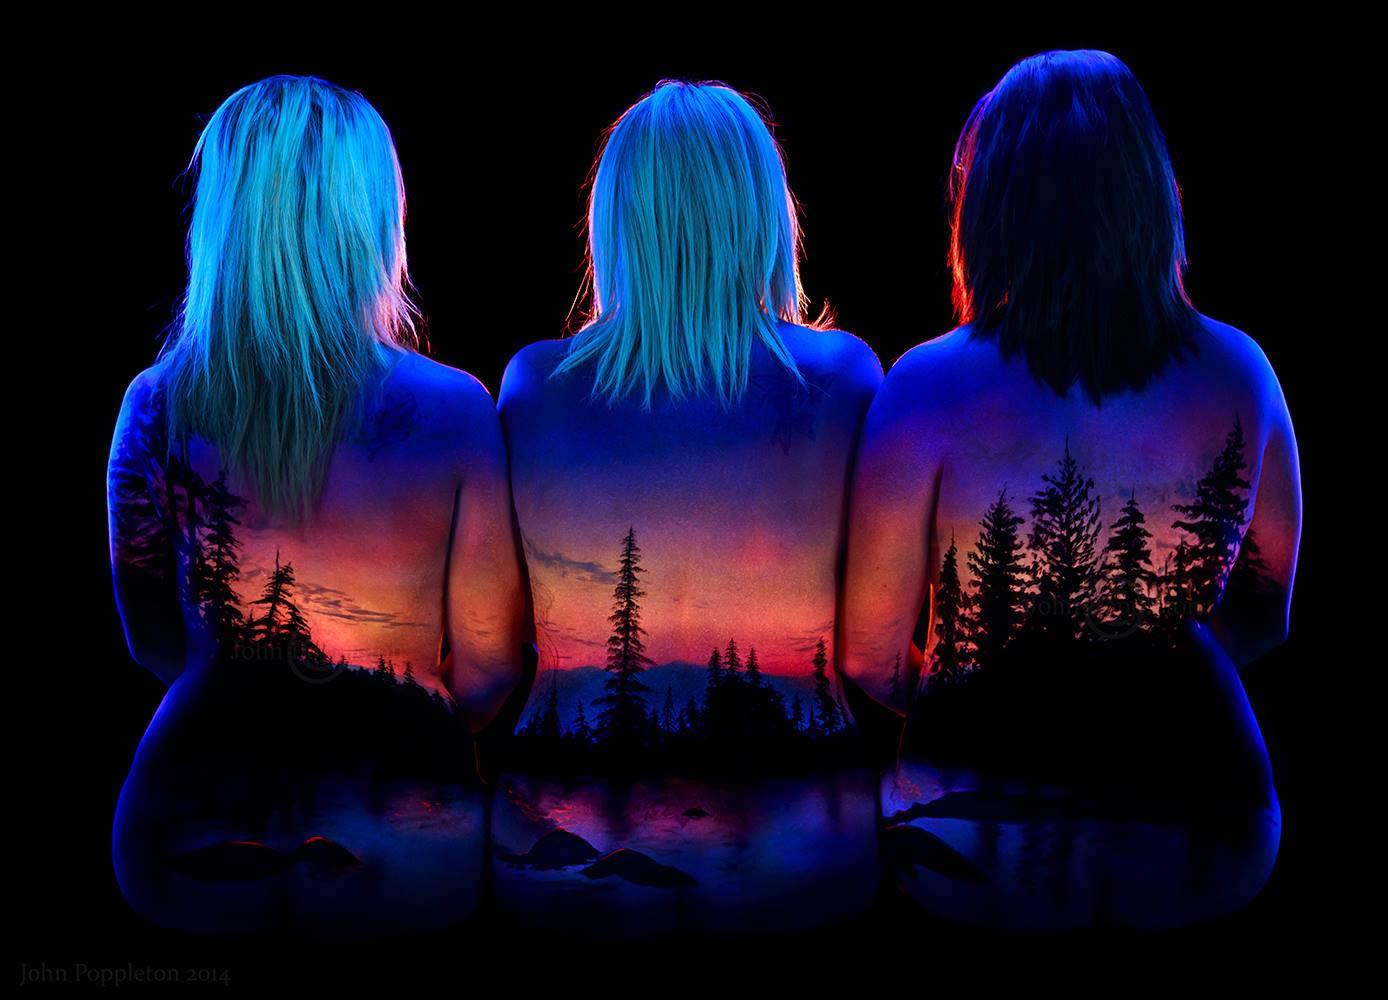 sunset, uv body painting, black light art by john poppleton